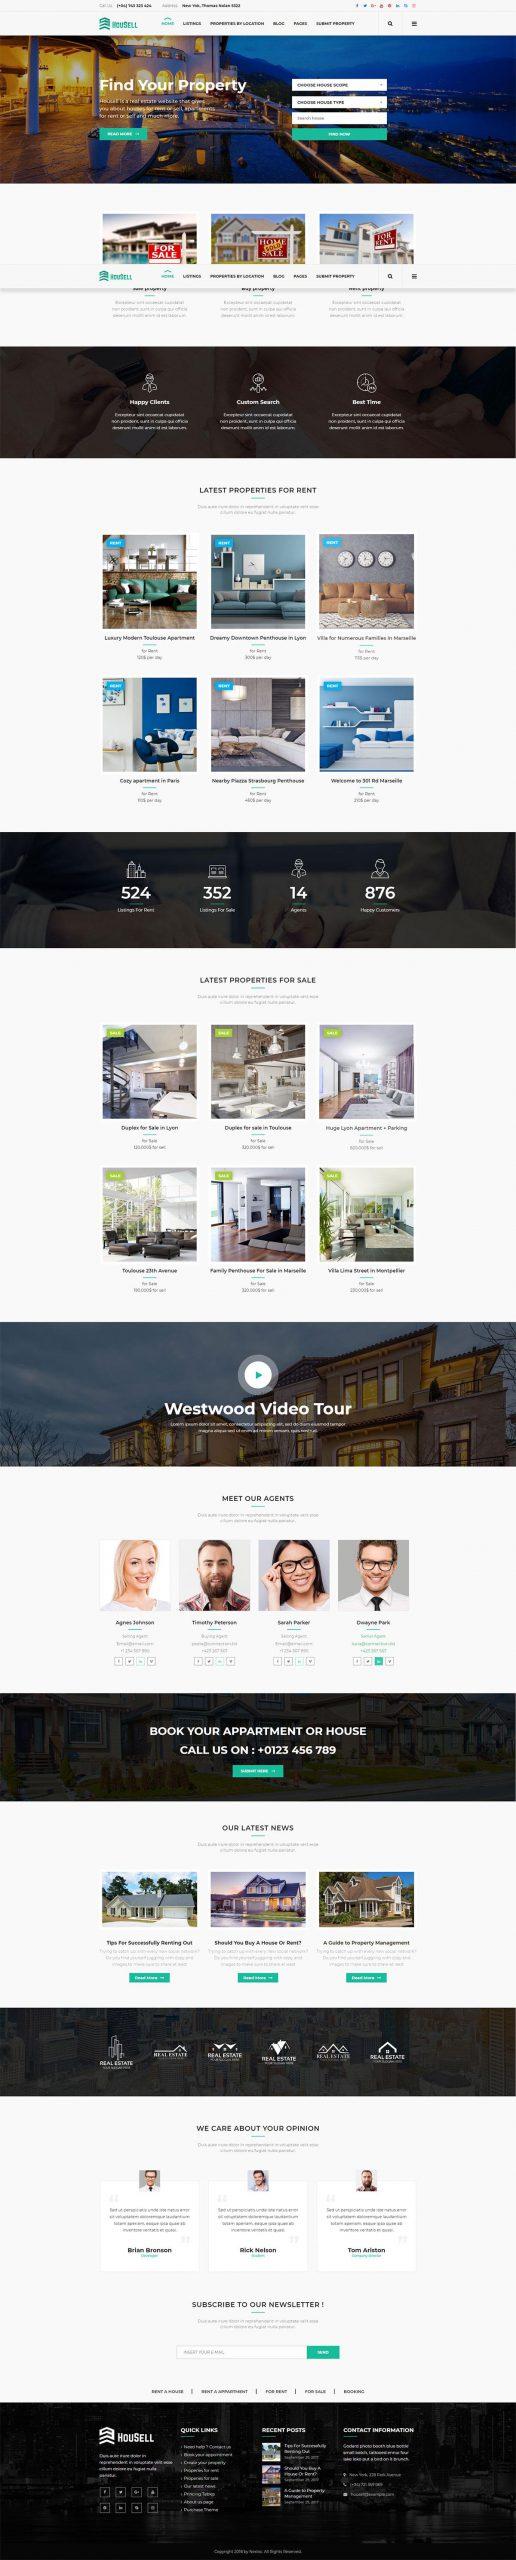 Mẫu giao diện website bất động sản Housell